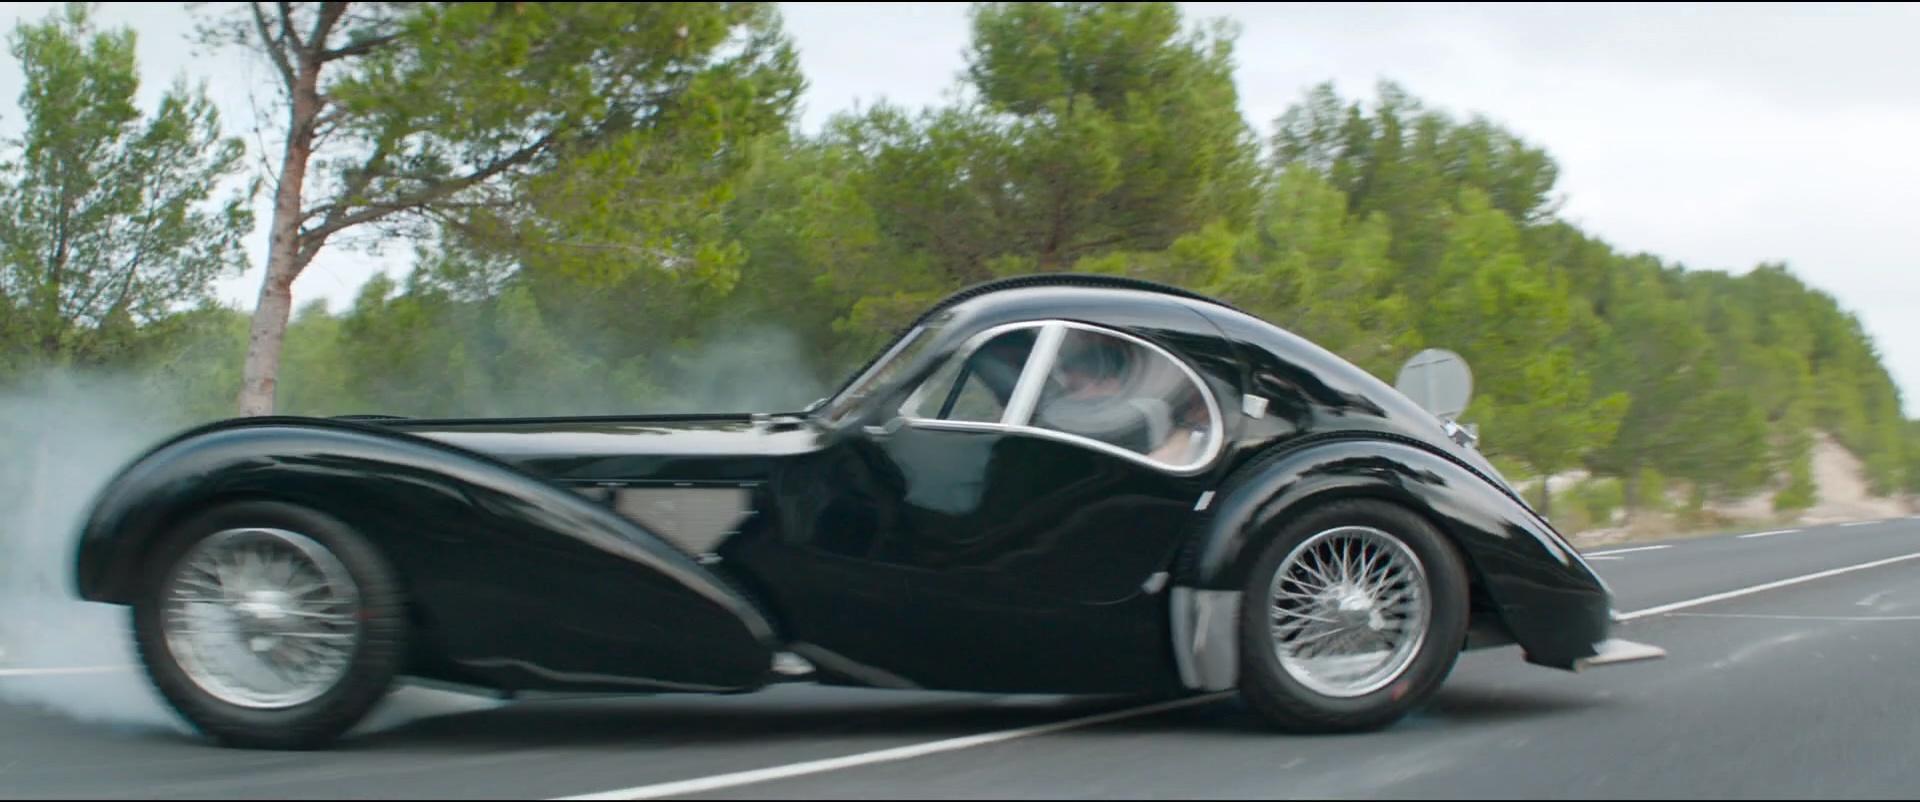 Latest Cadillac Escalade >> Bugatti Type 57 S Atlantic Car in Overdrive (2017) Movie Scenes